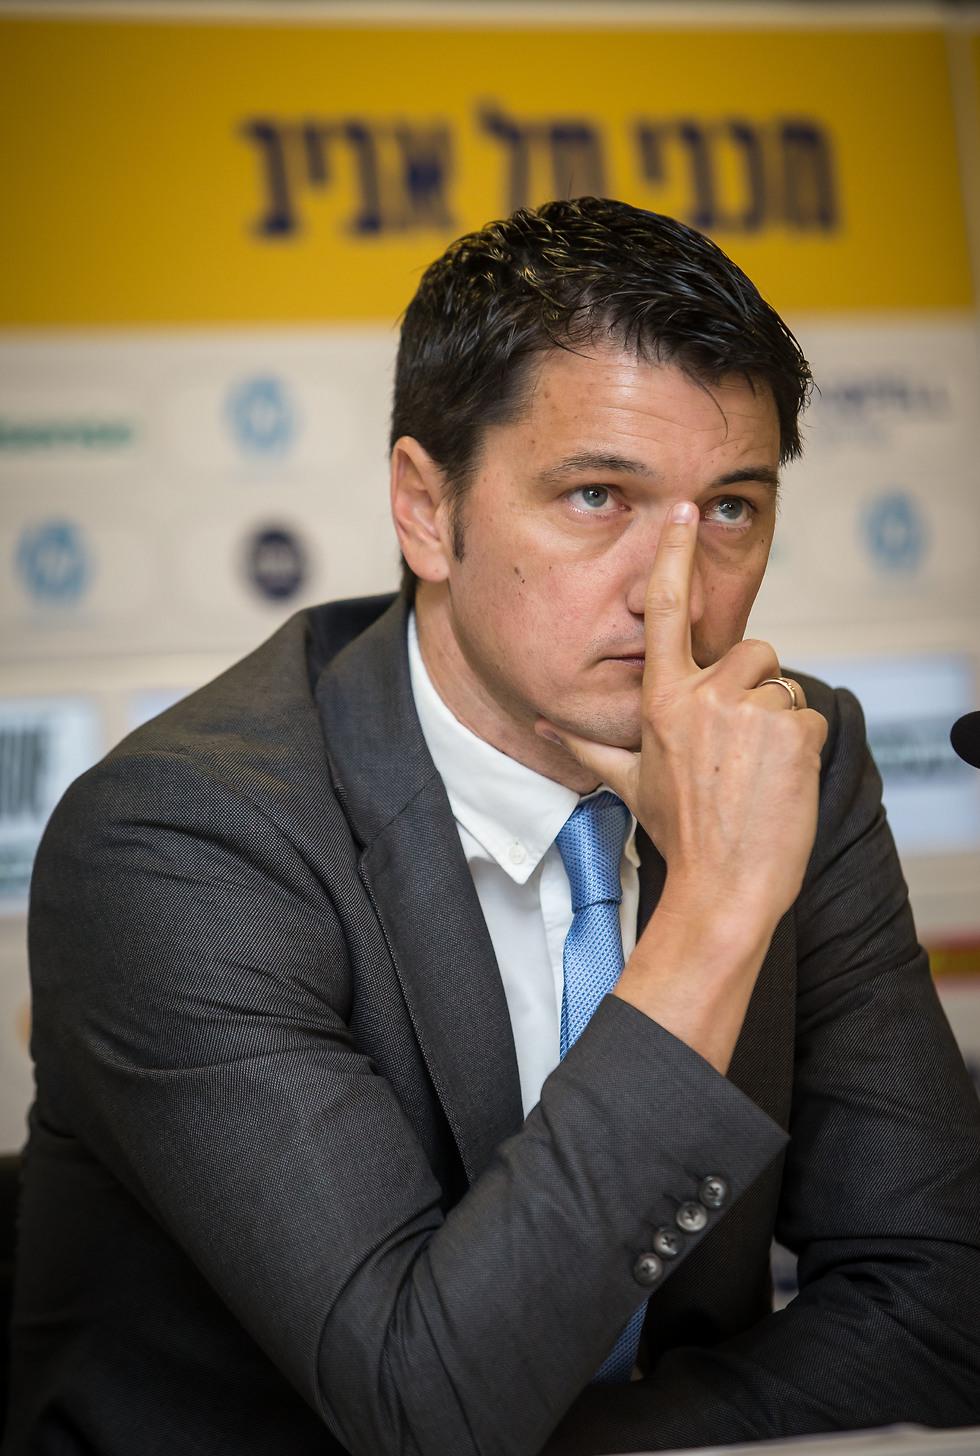 ולדימיר איביץ' (צילום: עוז מועלם)